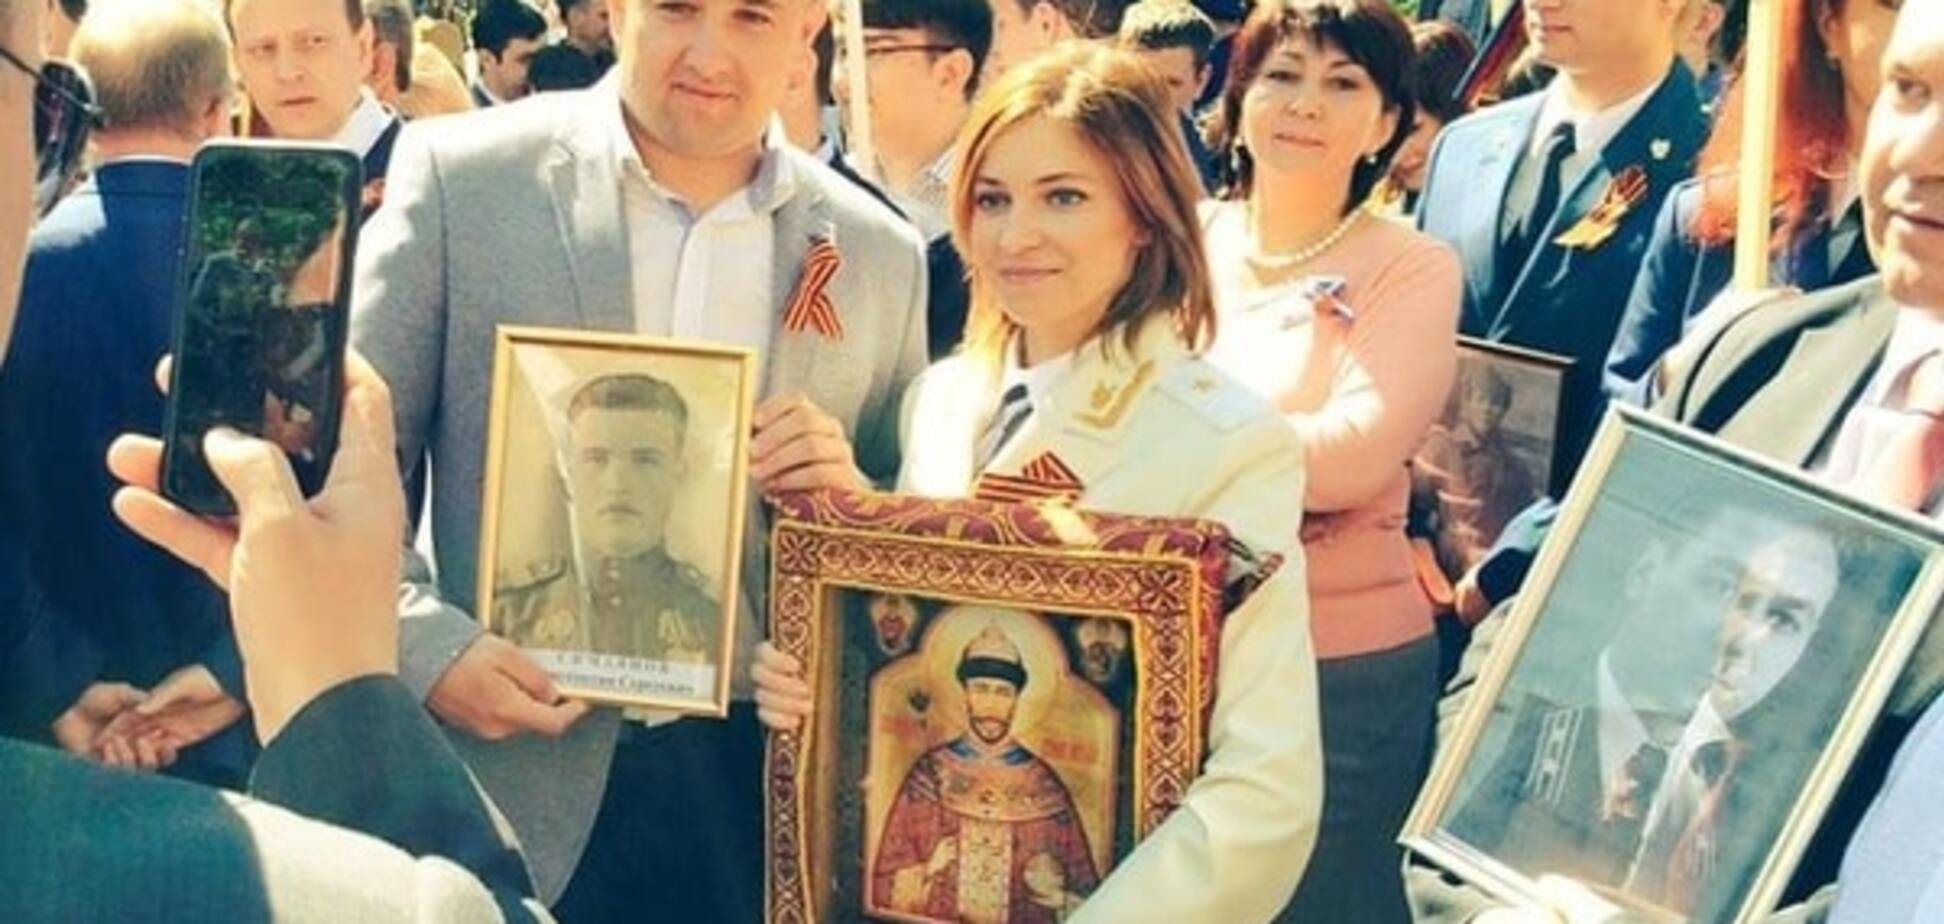 Наталья Поклонская, Крым, День Победы, икона